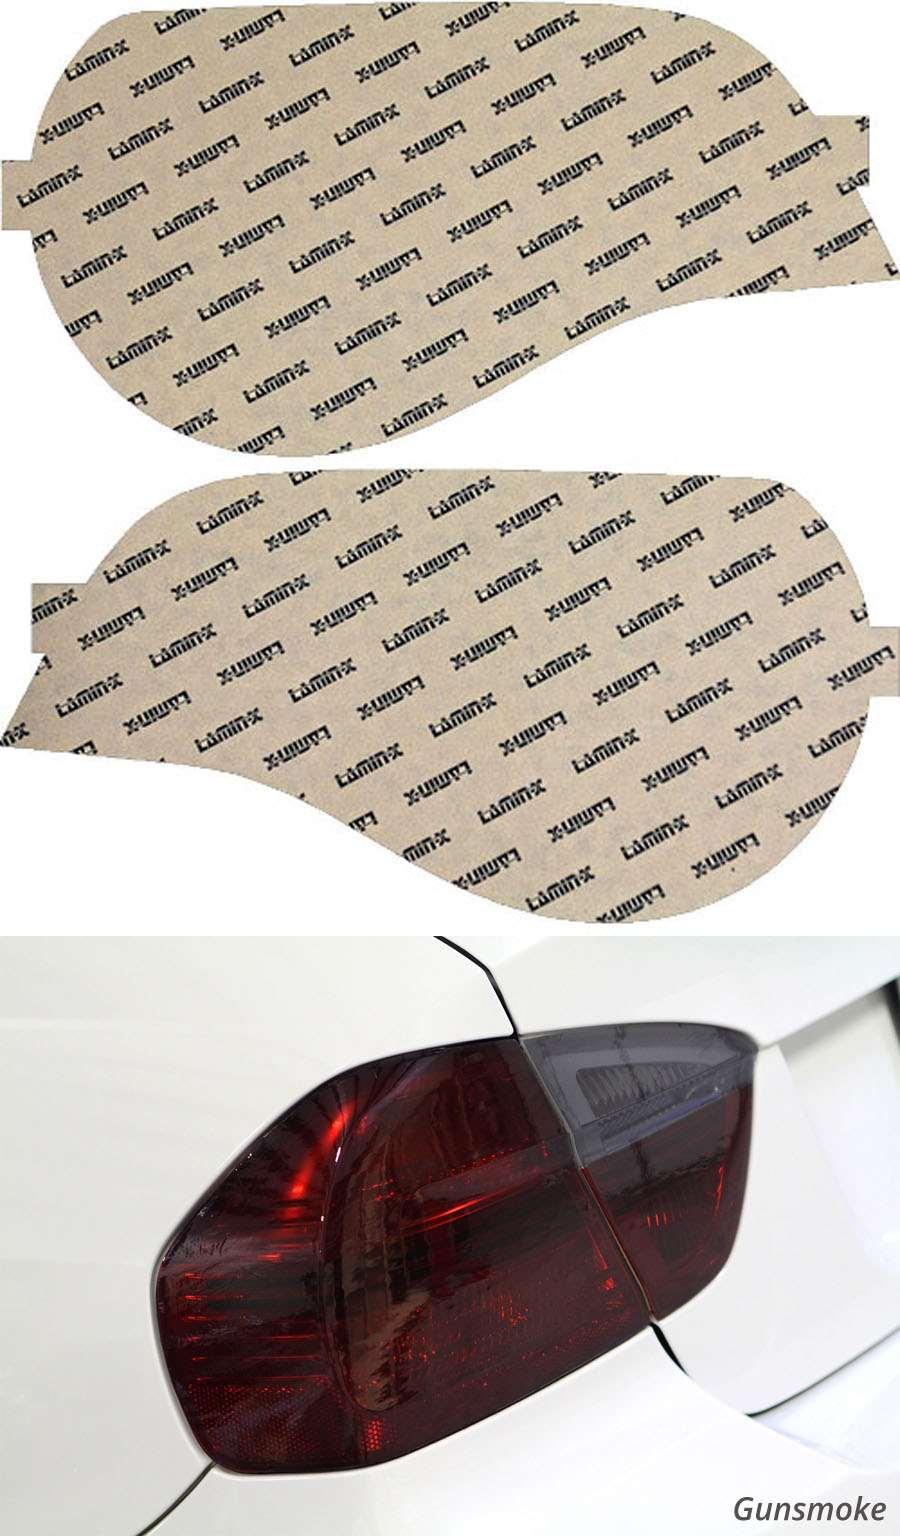 BMW Z4 & Z4M 06-08 Gunsmoke Tail Light Covers Lamin-X B209G